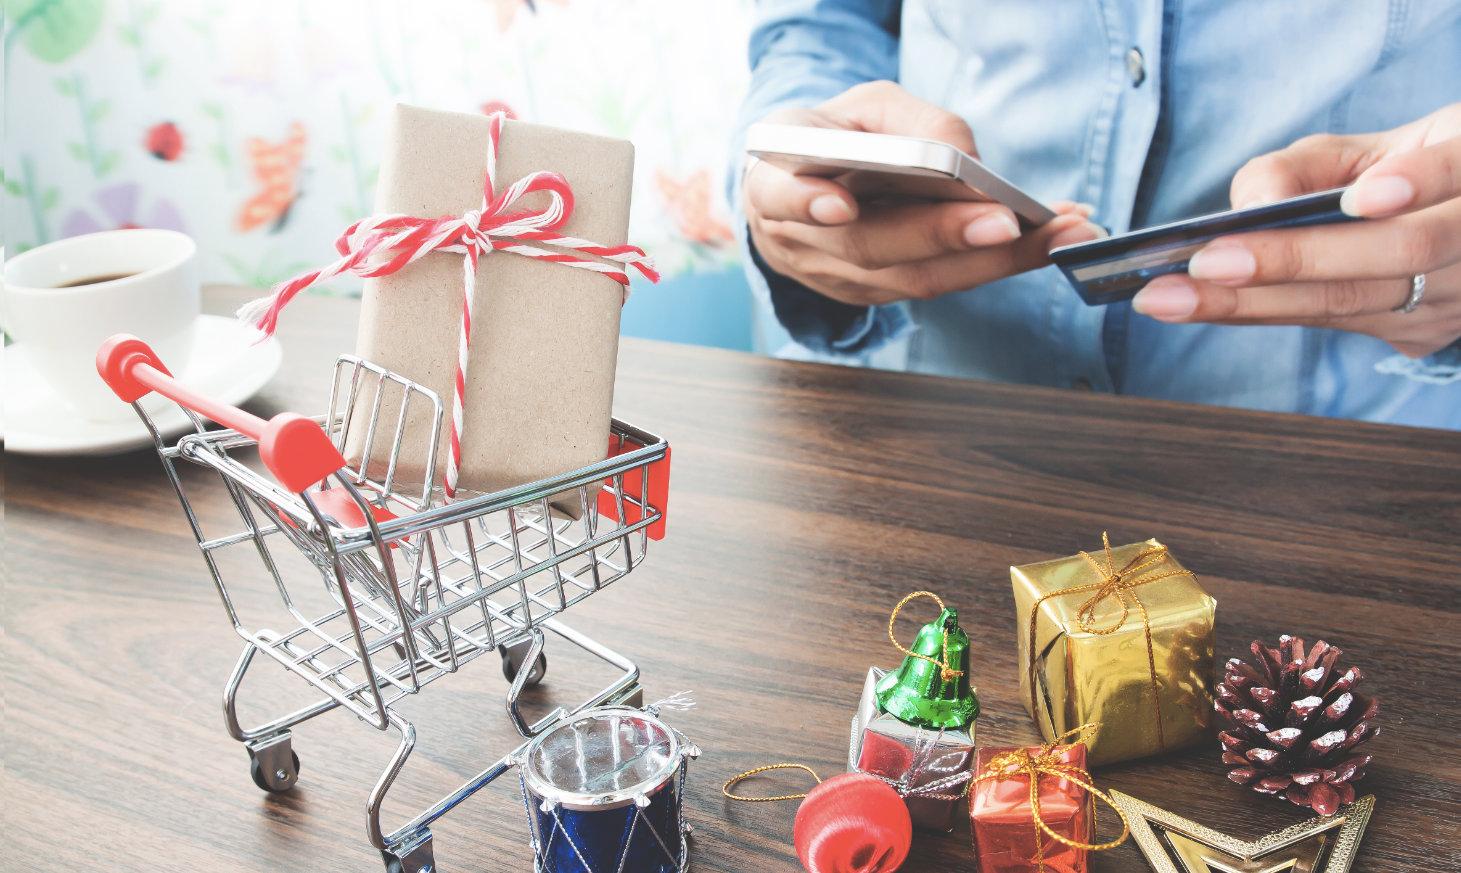 熱門有效的 Personalization 個人化行銷,它如何影響我們的銷售方式? 你會怎麼做個人化行銷